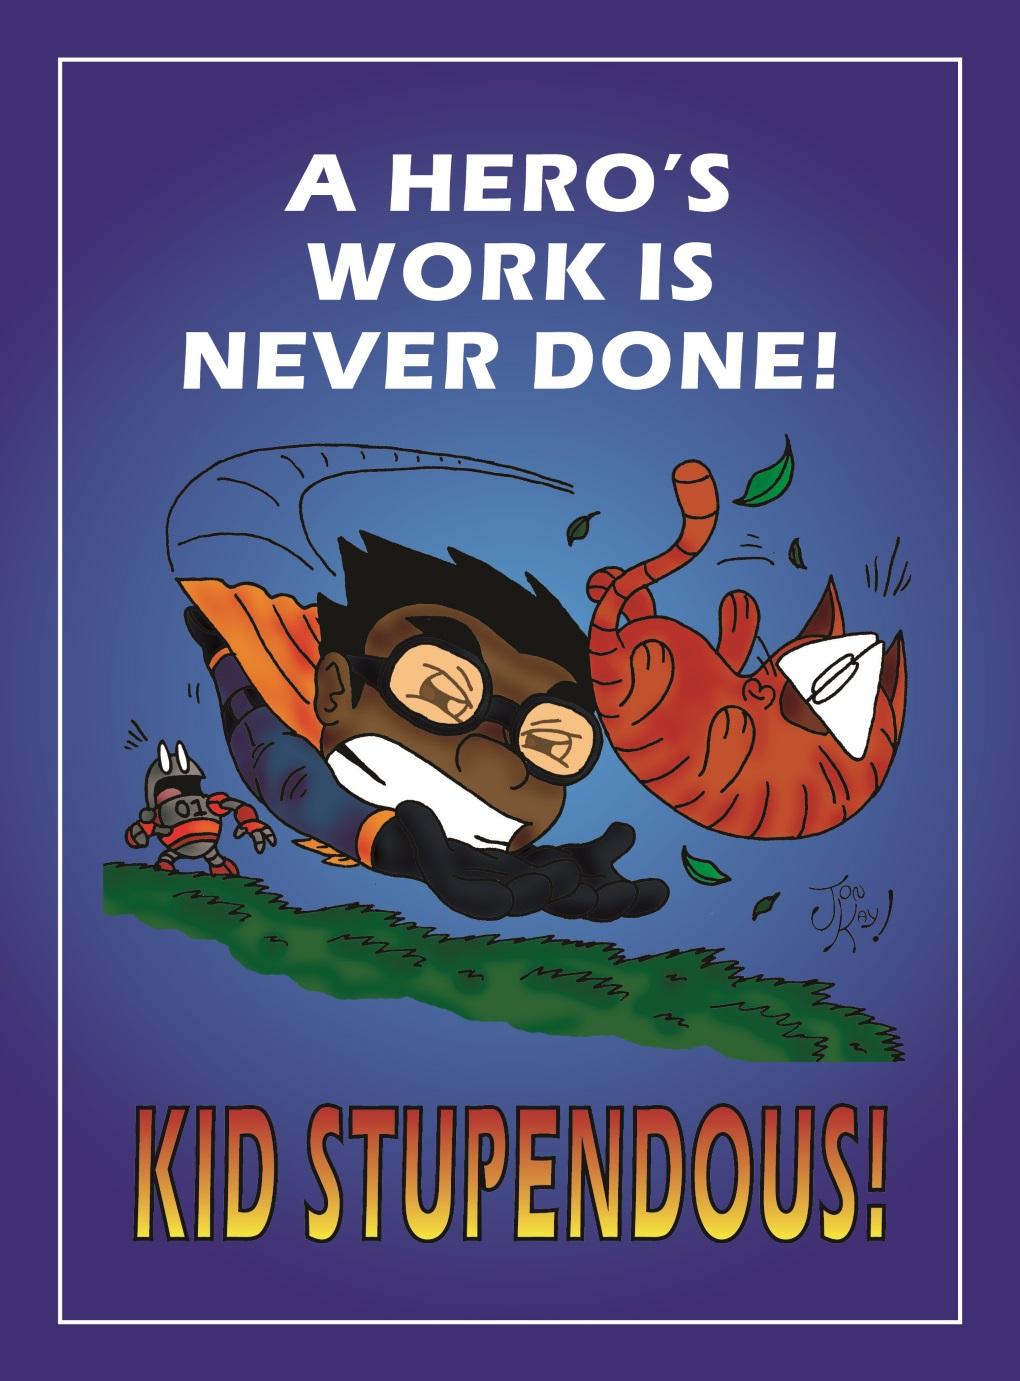 Kid Stupendous 2